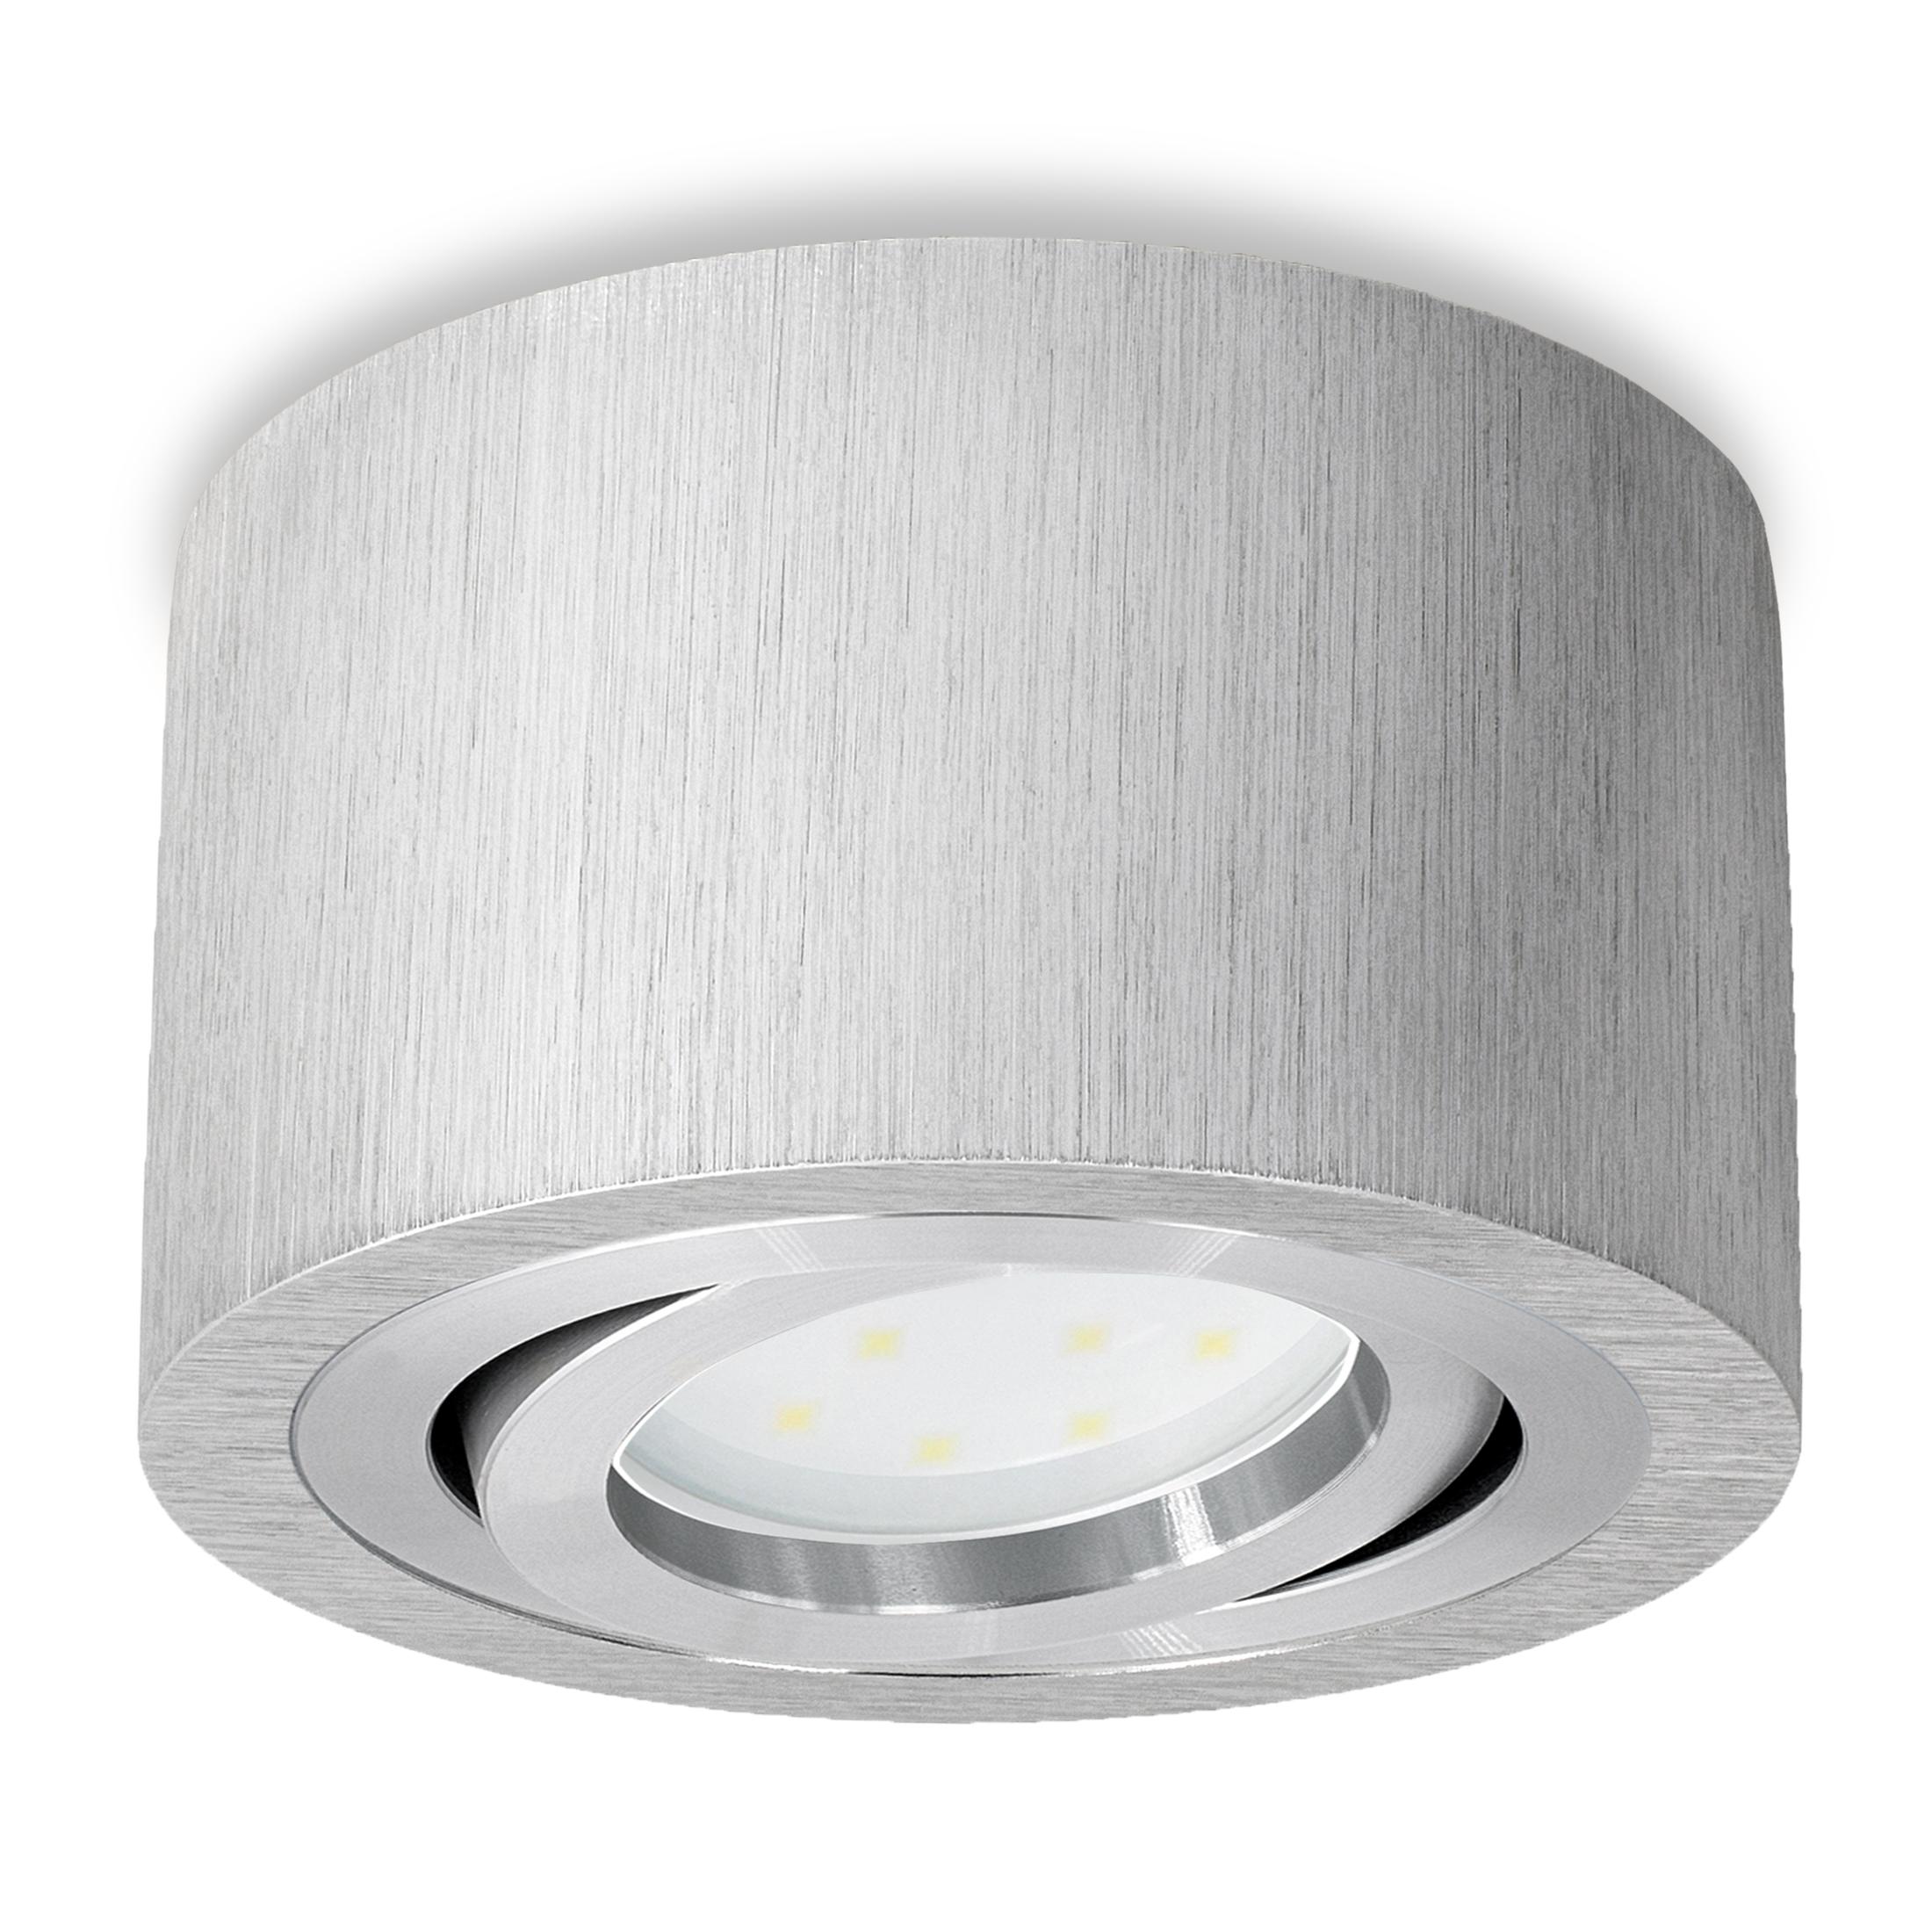 Leuchten & Leuchtmittel Symbol Der Marke Aufbau Spotleuchte Rund Strahler Deckenleuchte Gu10 5w Led Leuchtmittel 230v Neueste Technik